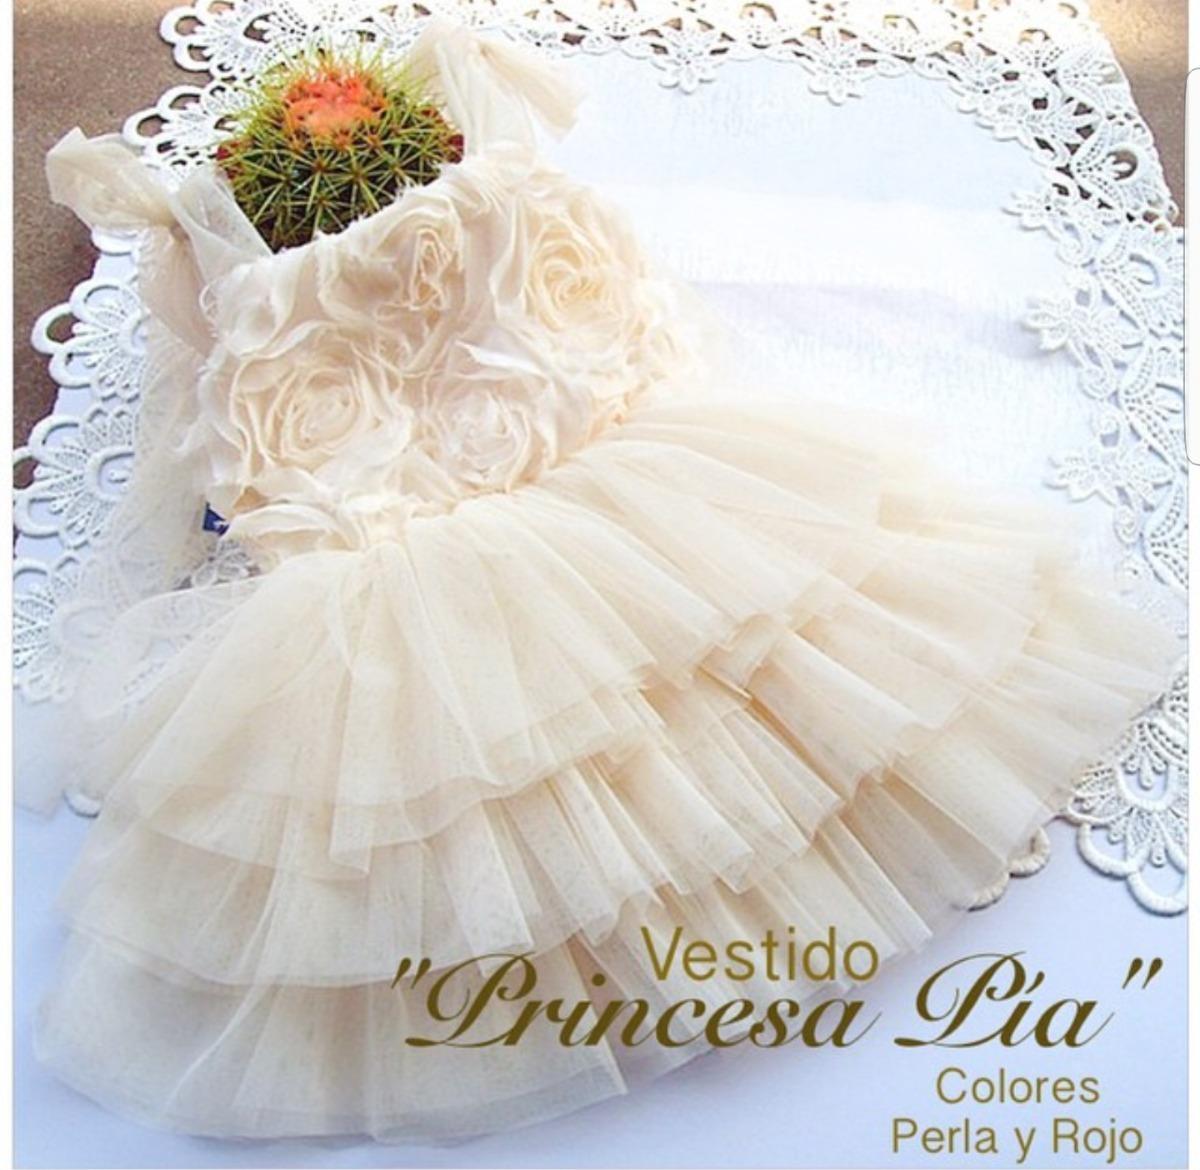 Vestido Tutu De Rosas Y Boleros Para Niñas - $ 45.000 en Mercado Libre